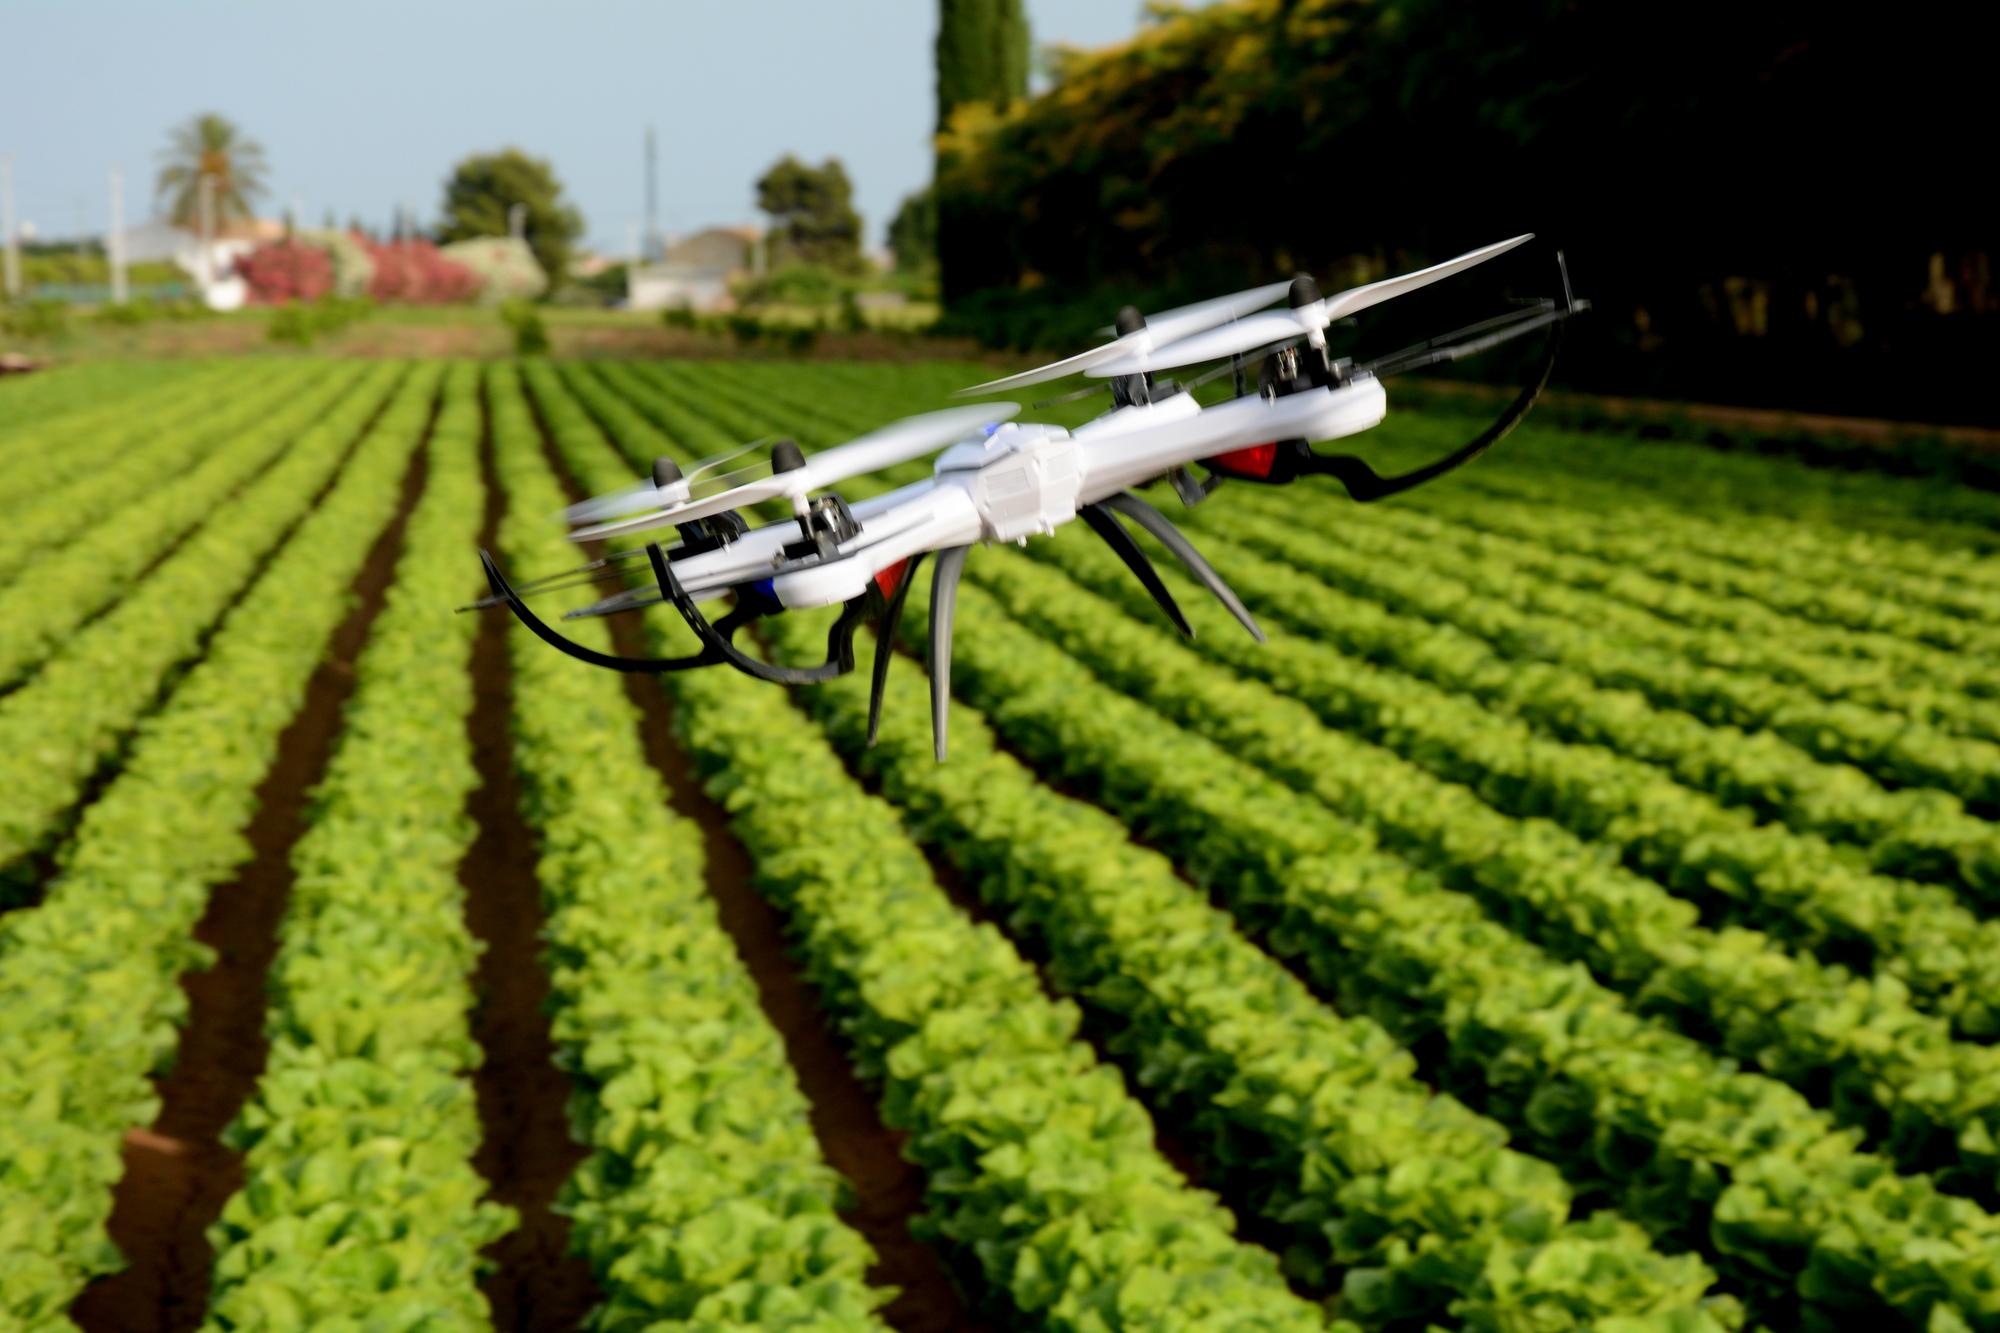 Bayer dostarcza innowacje, które pomagają rolnikom rozwijać działalność w bardziej zrównoważony i odpowiedzialny sposób (Fot. Mat. pras.)